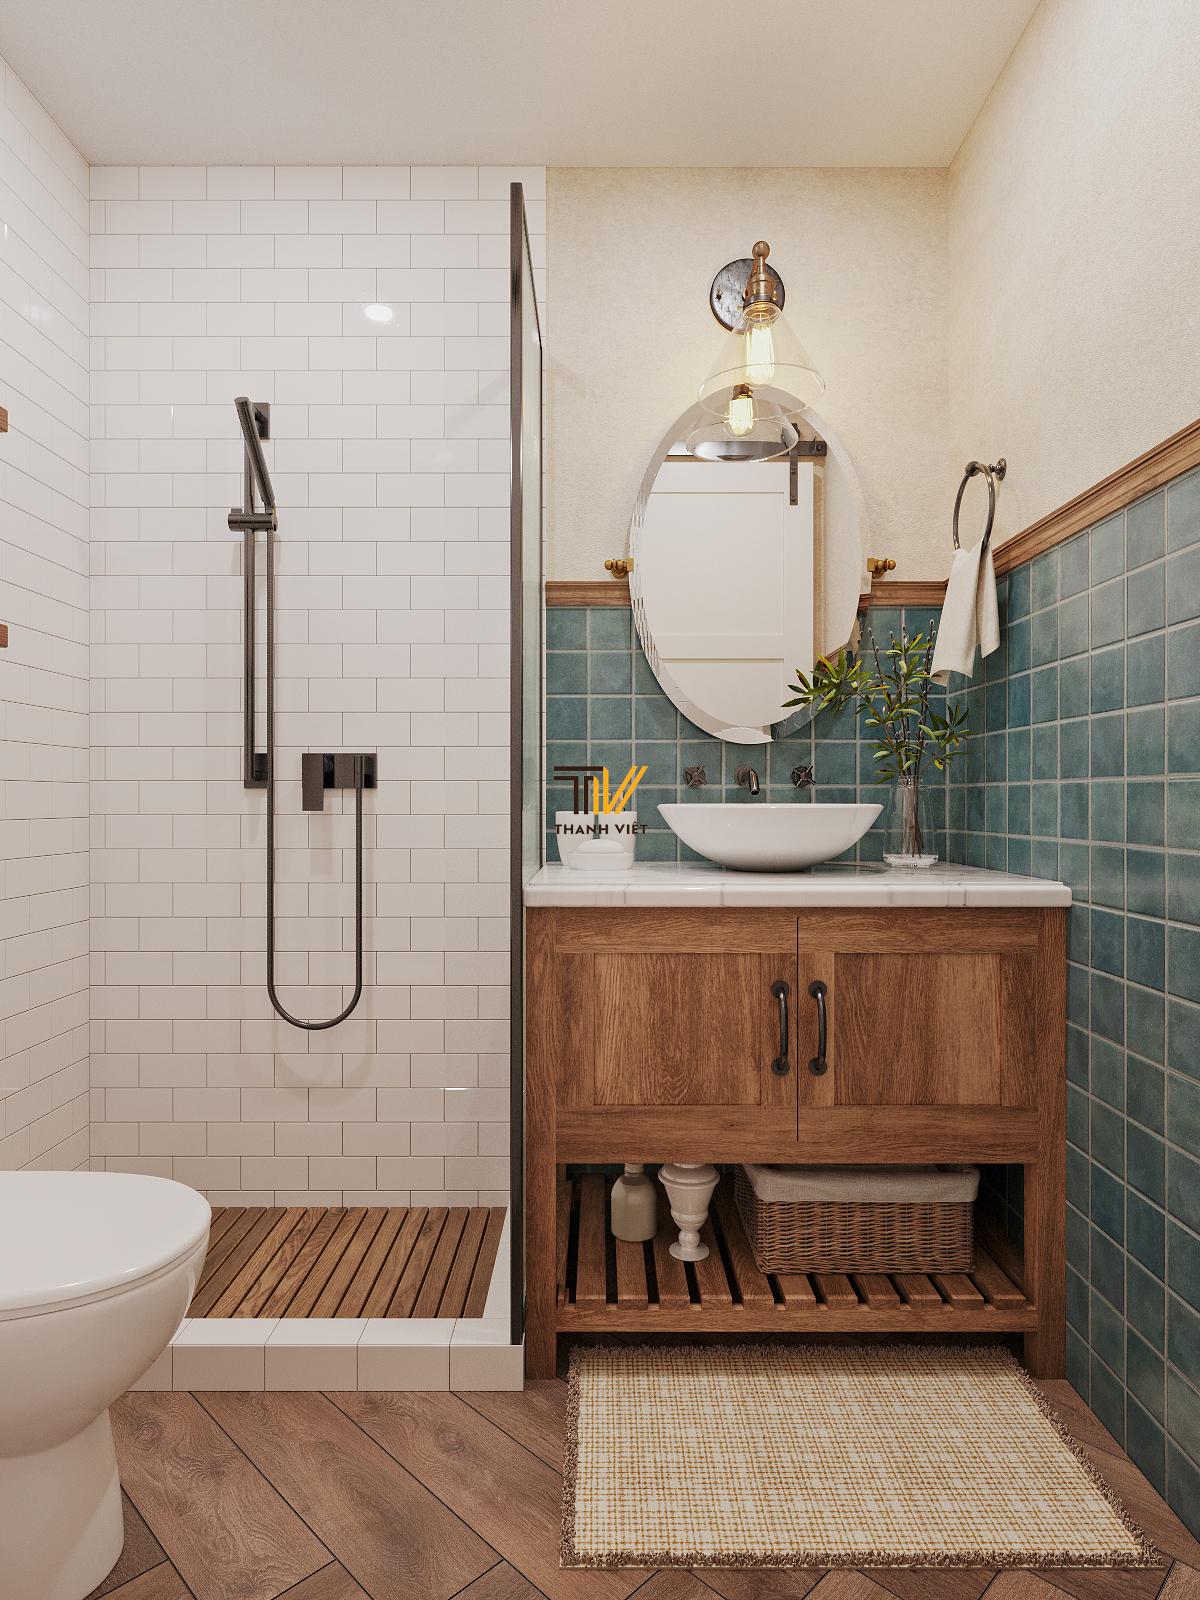 Thiết kế nội thất Chung Cư tại Hà Nội Vintage Farmhouse - Golden Westlake 1626853869 12